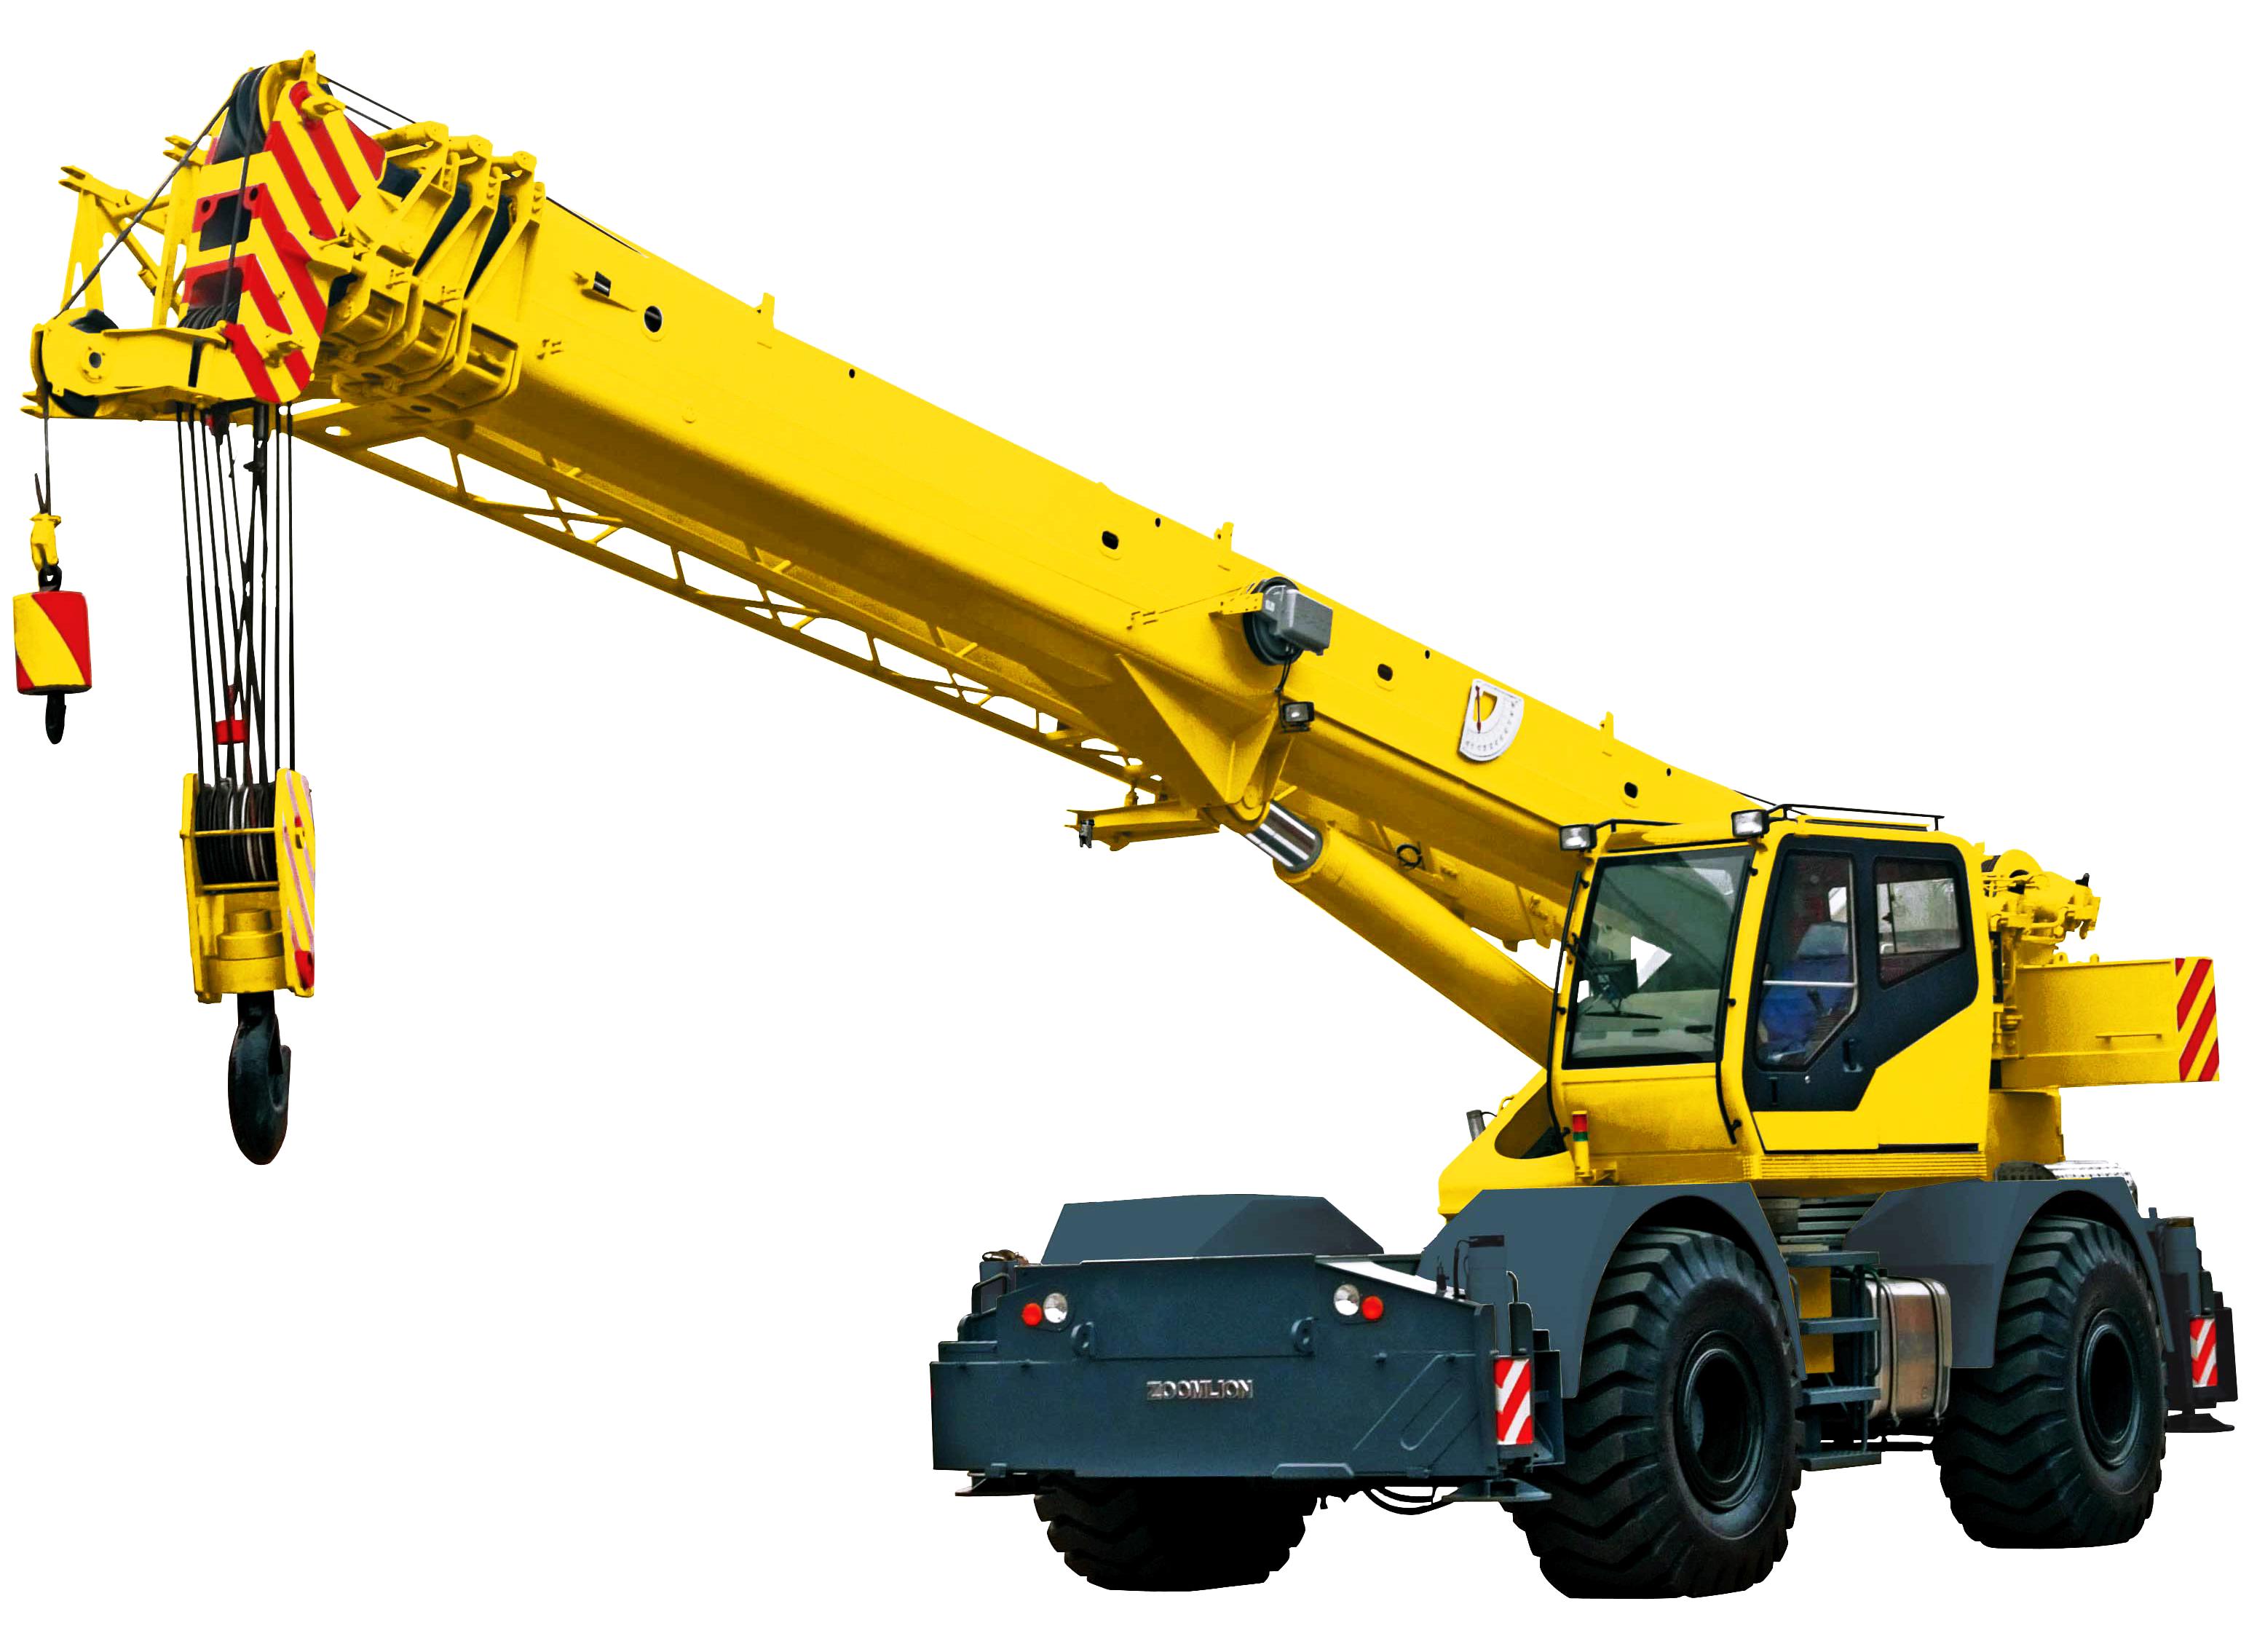 Crane HD PNG